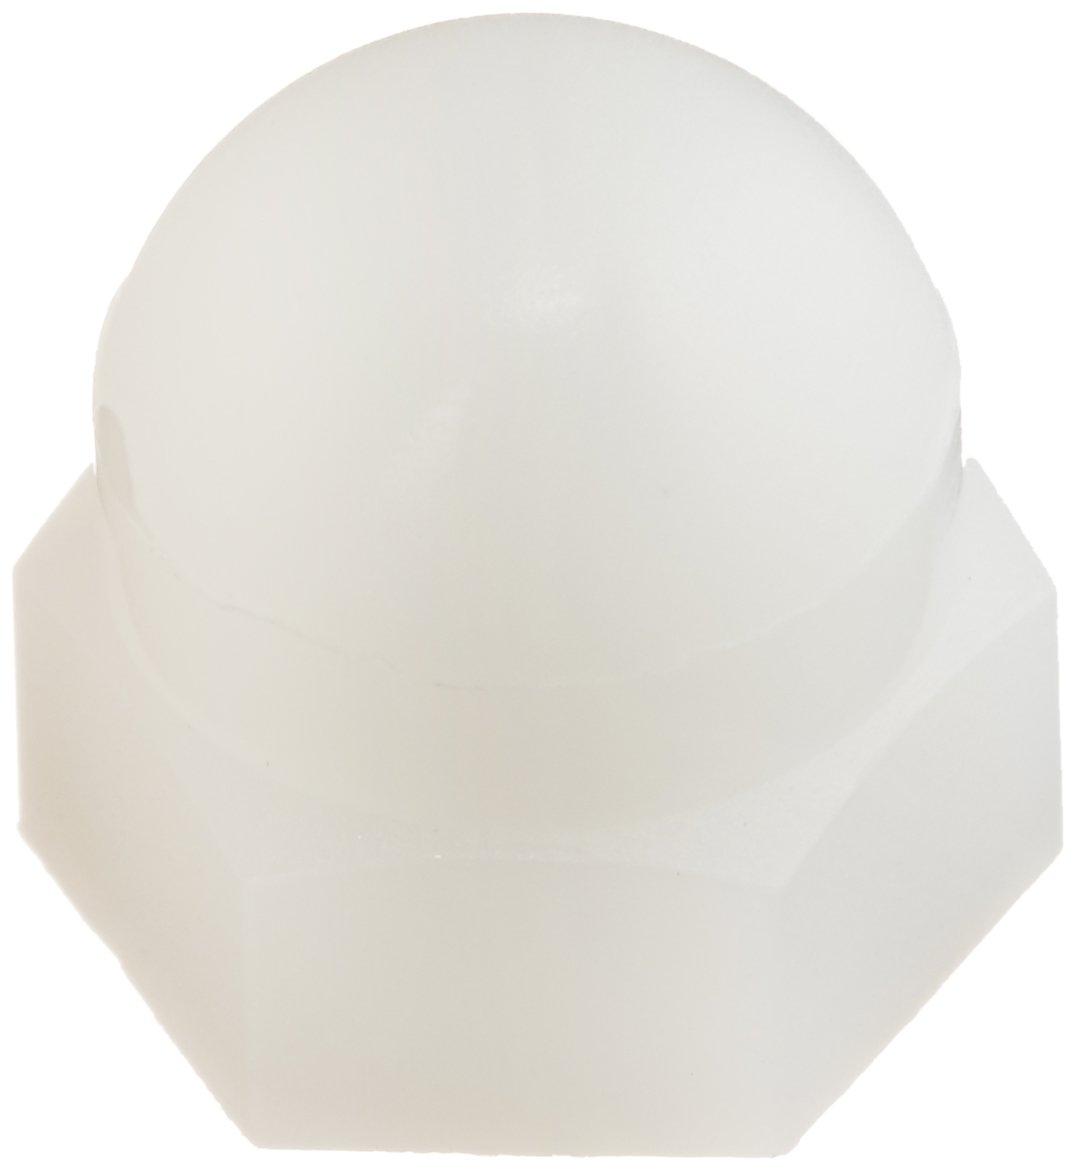 Piece-10 6-32 Hard-to-Find Fastener 014973167073 Cap Nuts